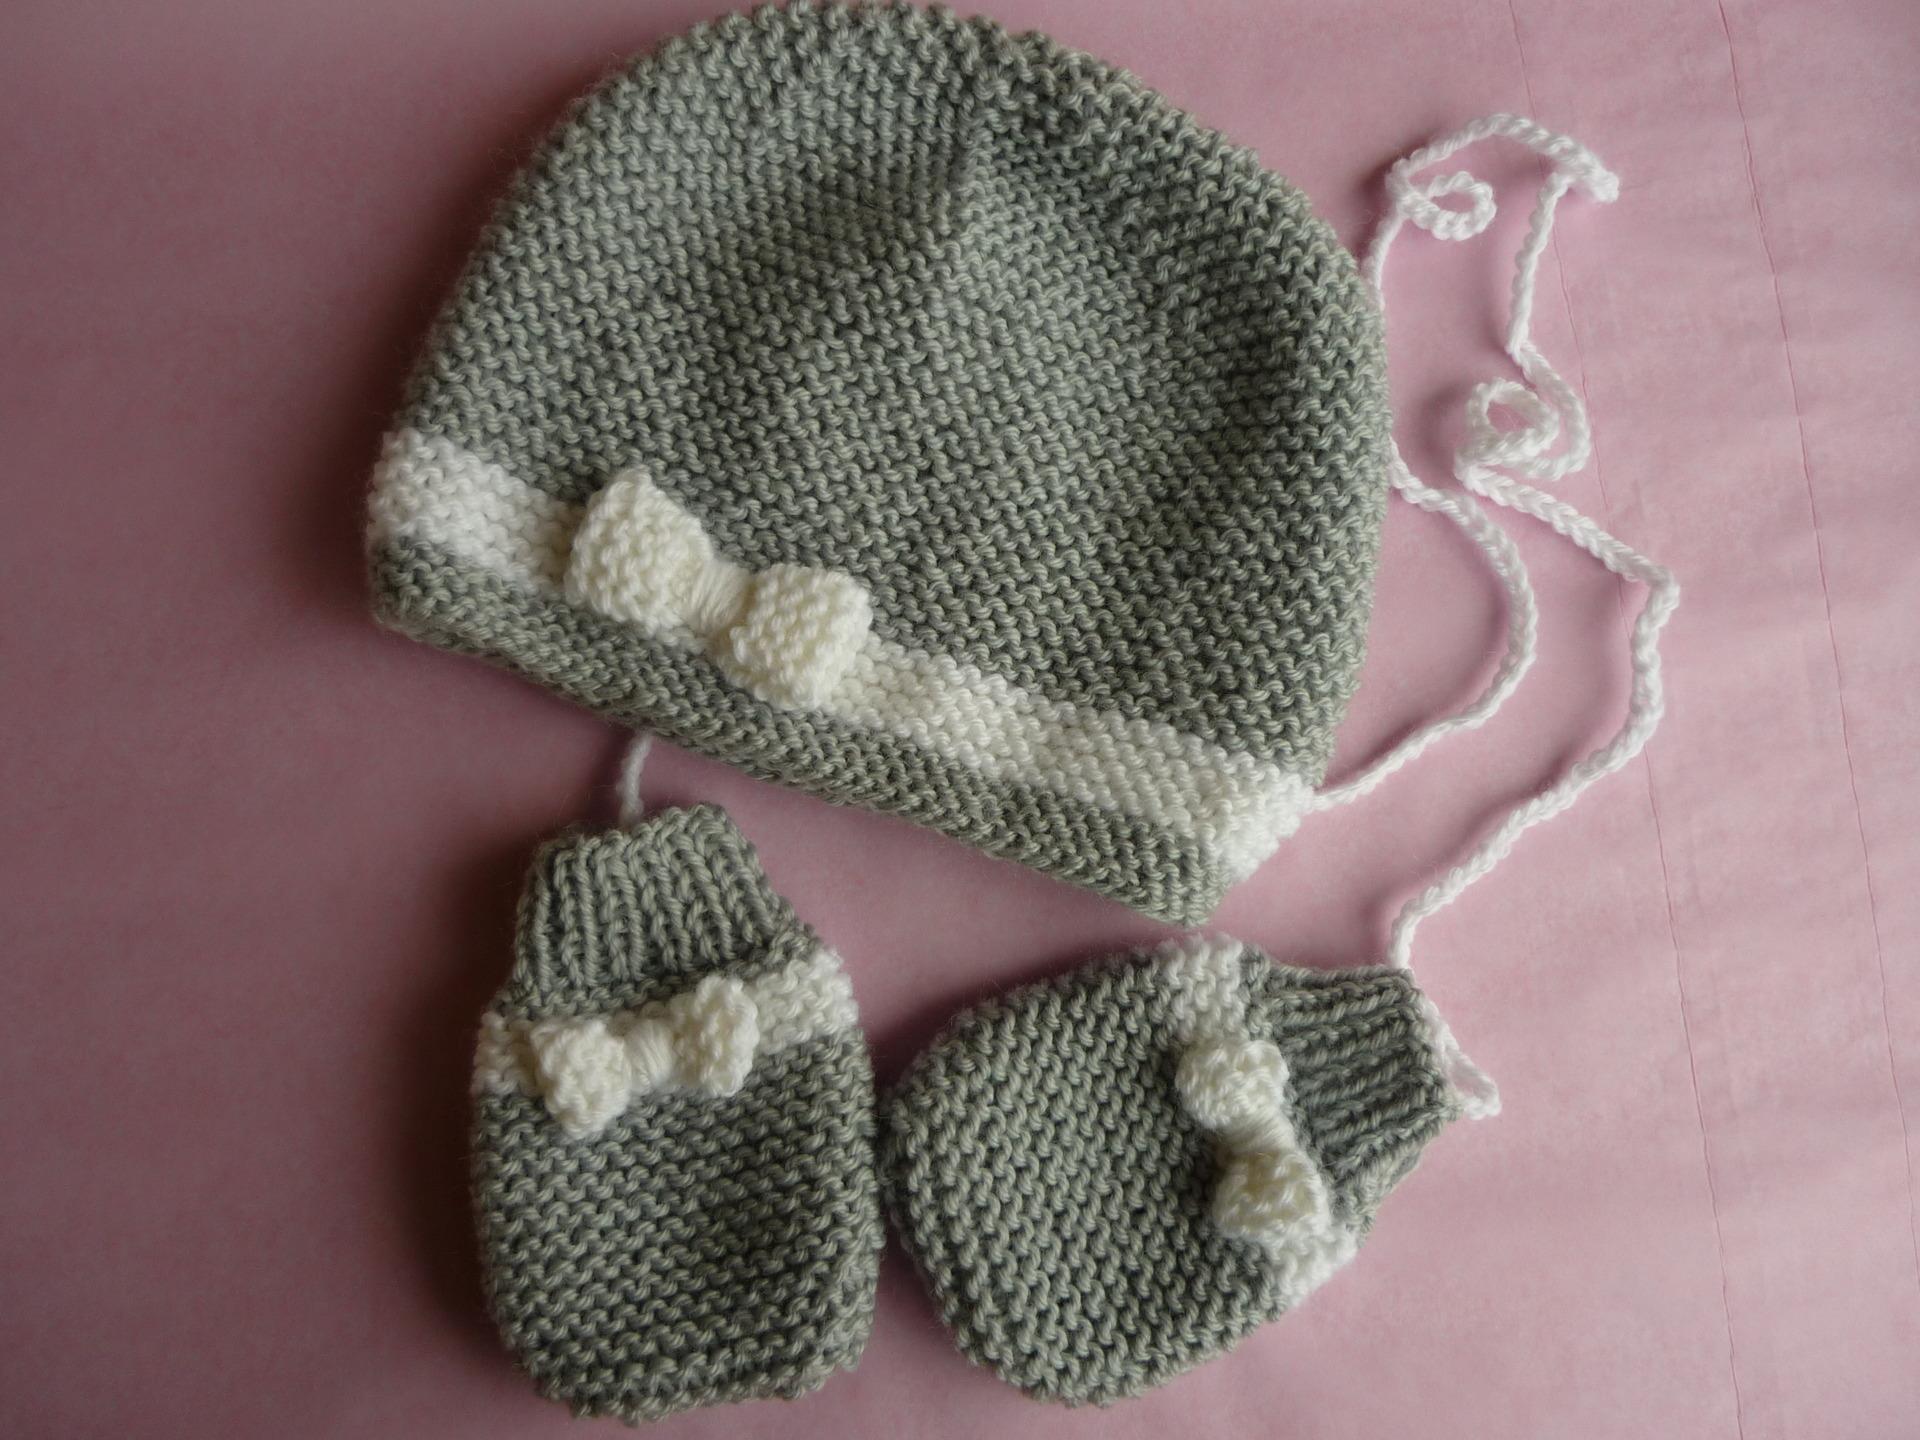 fec5817b8ca Tricot moufles bébé naissance - Chapka